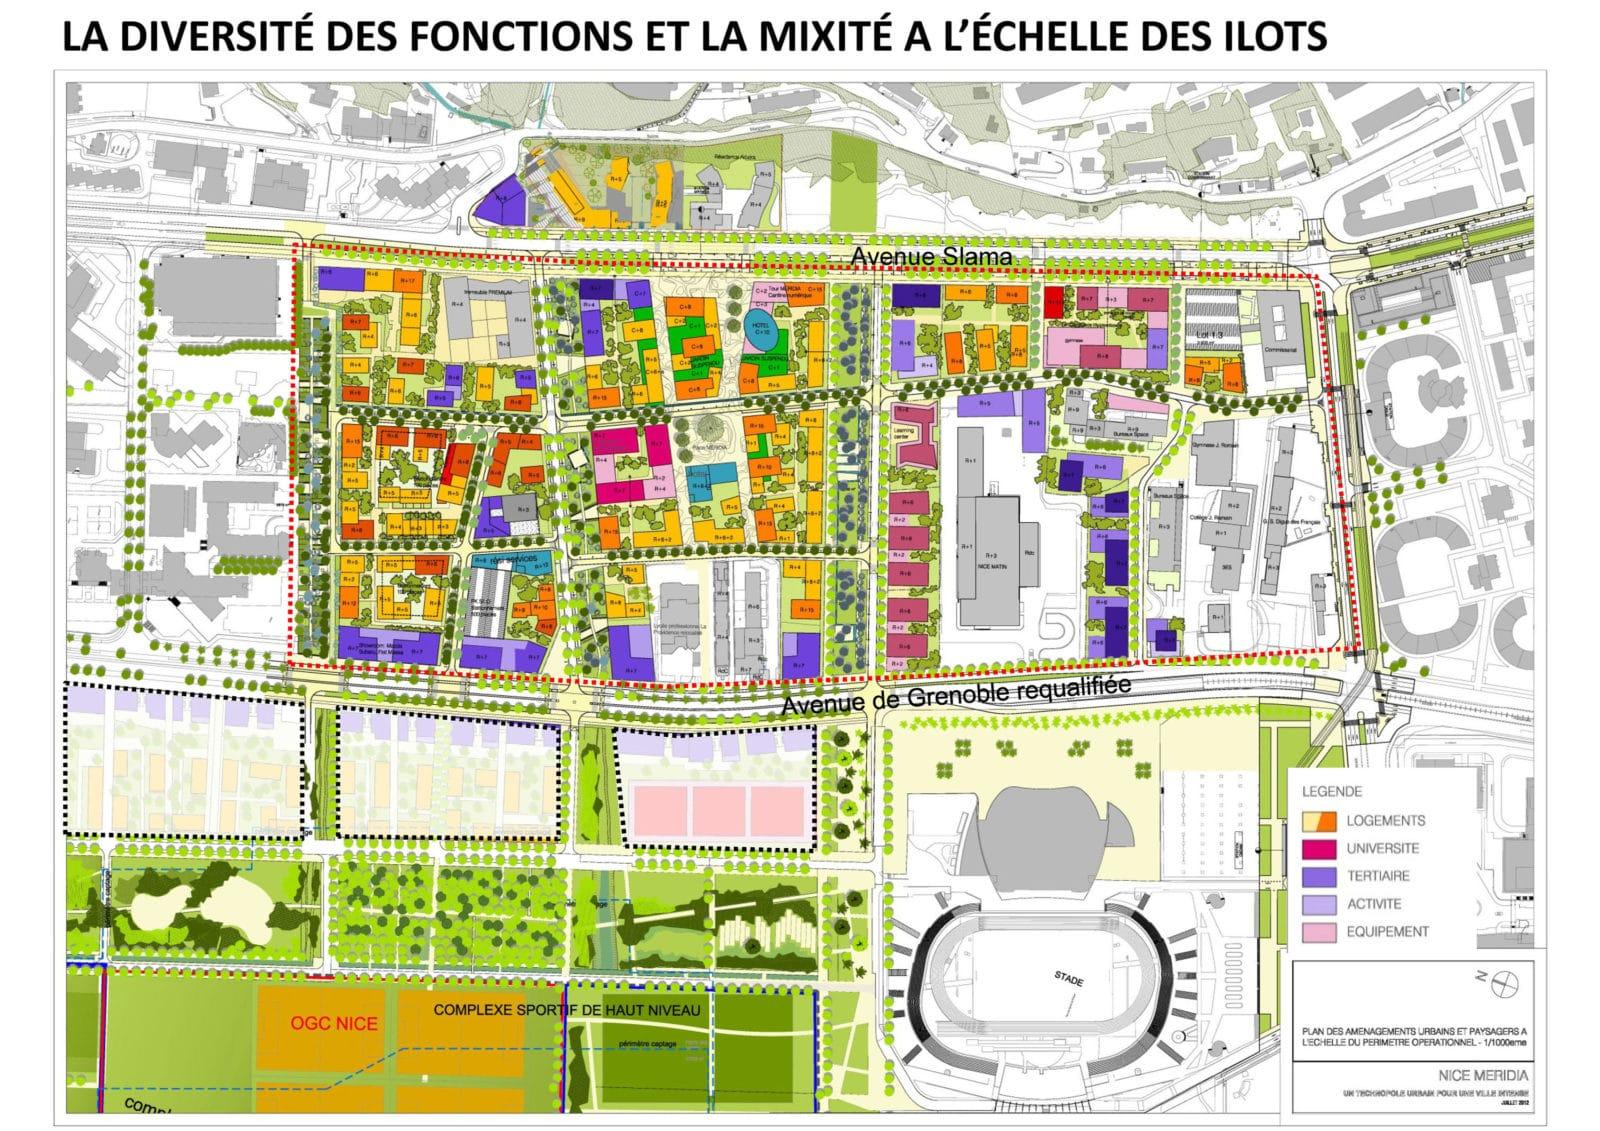 La diversité des fonctions et la mixité à l'échelle des îlots dans le secteur de Nice-Méridia. © Devillers & Associés By-Encore EPA